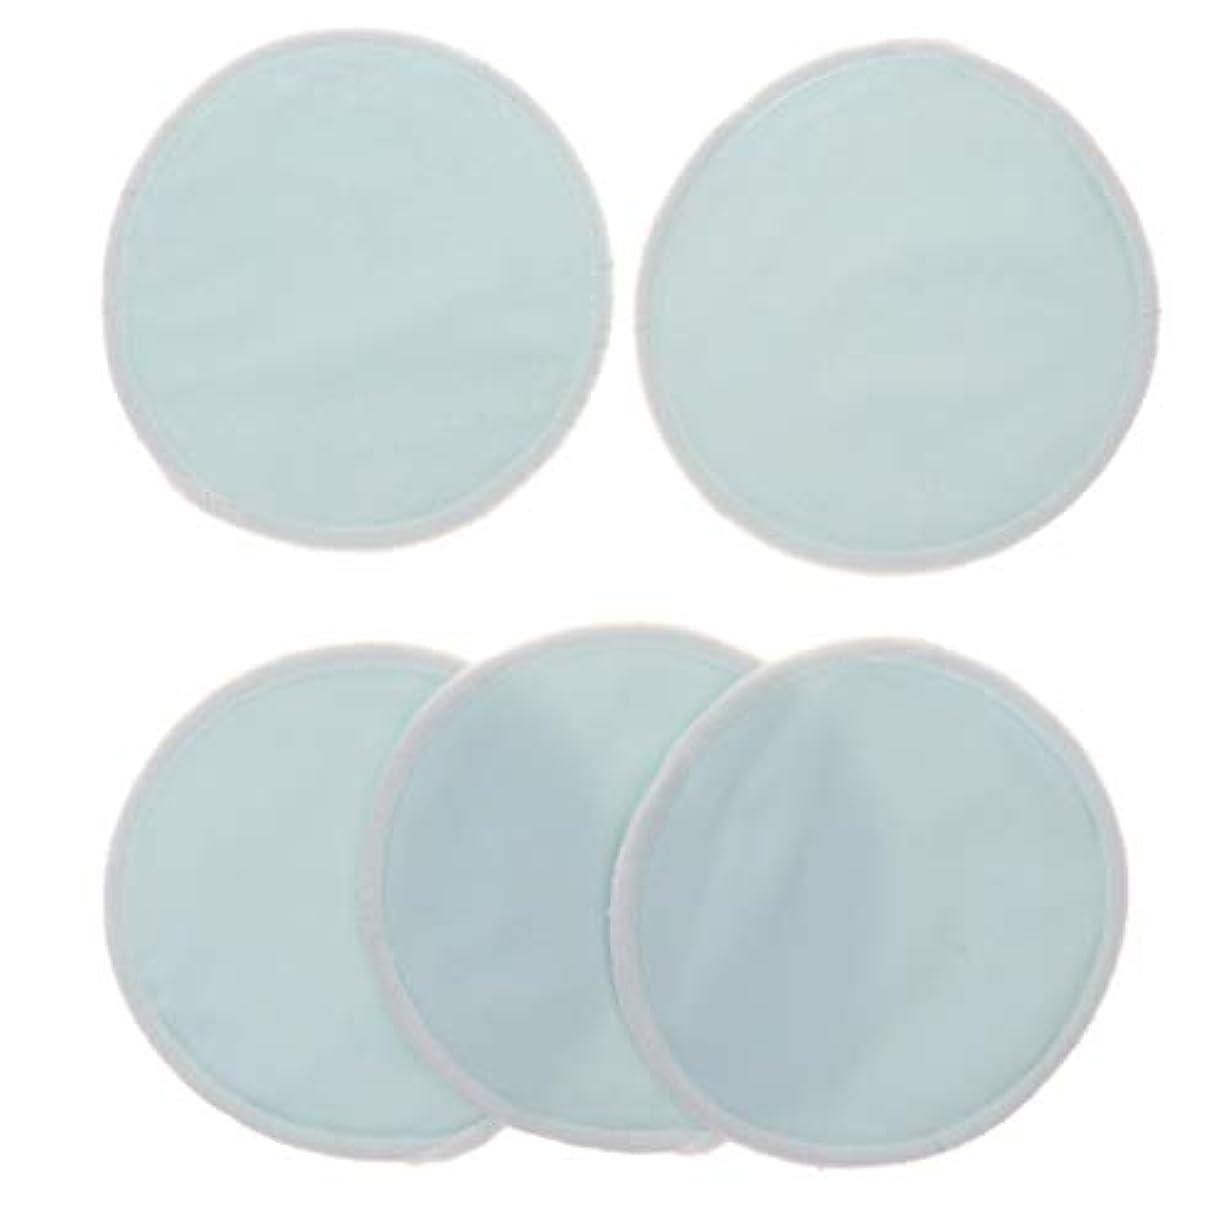 通貨キッチン画家5個 クレンジングシート 胸パッド 化粧用 竹繊維 円形 12cm 洗える 再使用可能 耐久性 全5色 - 青